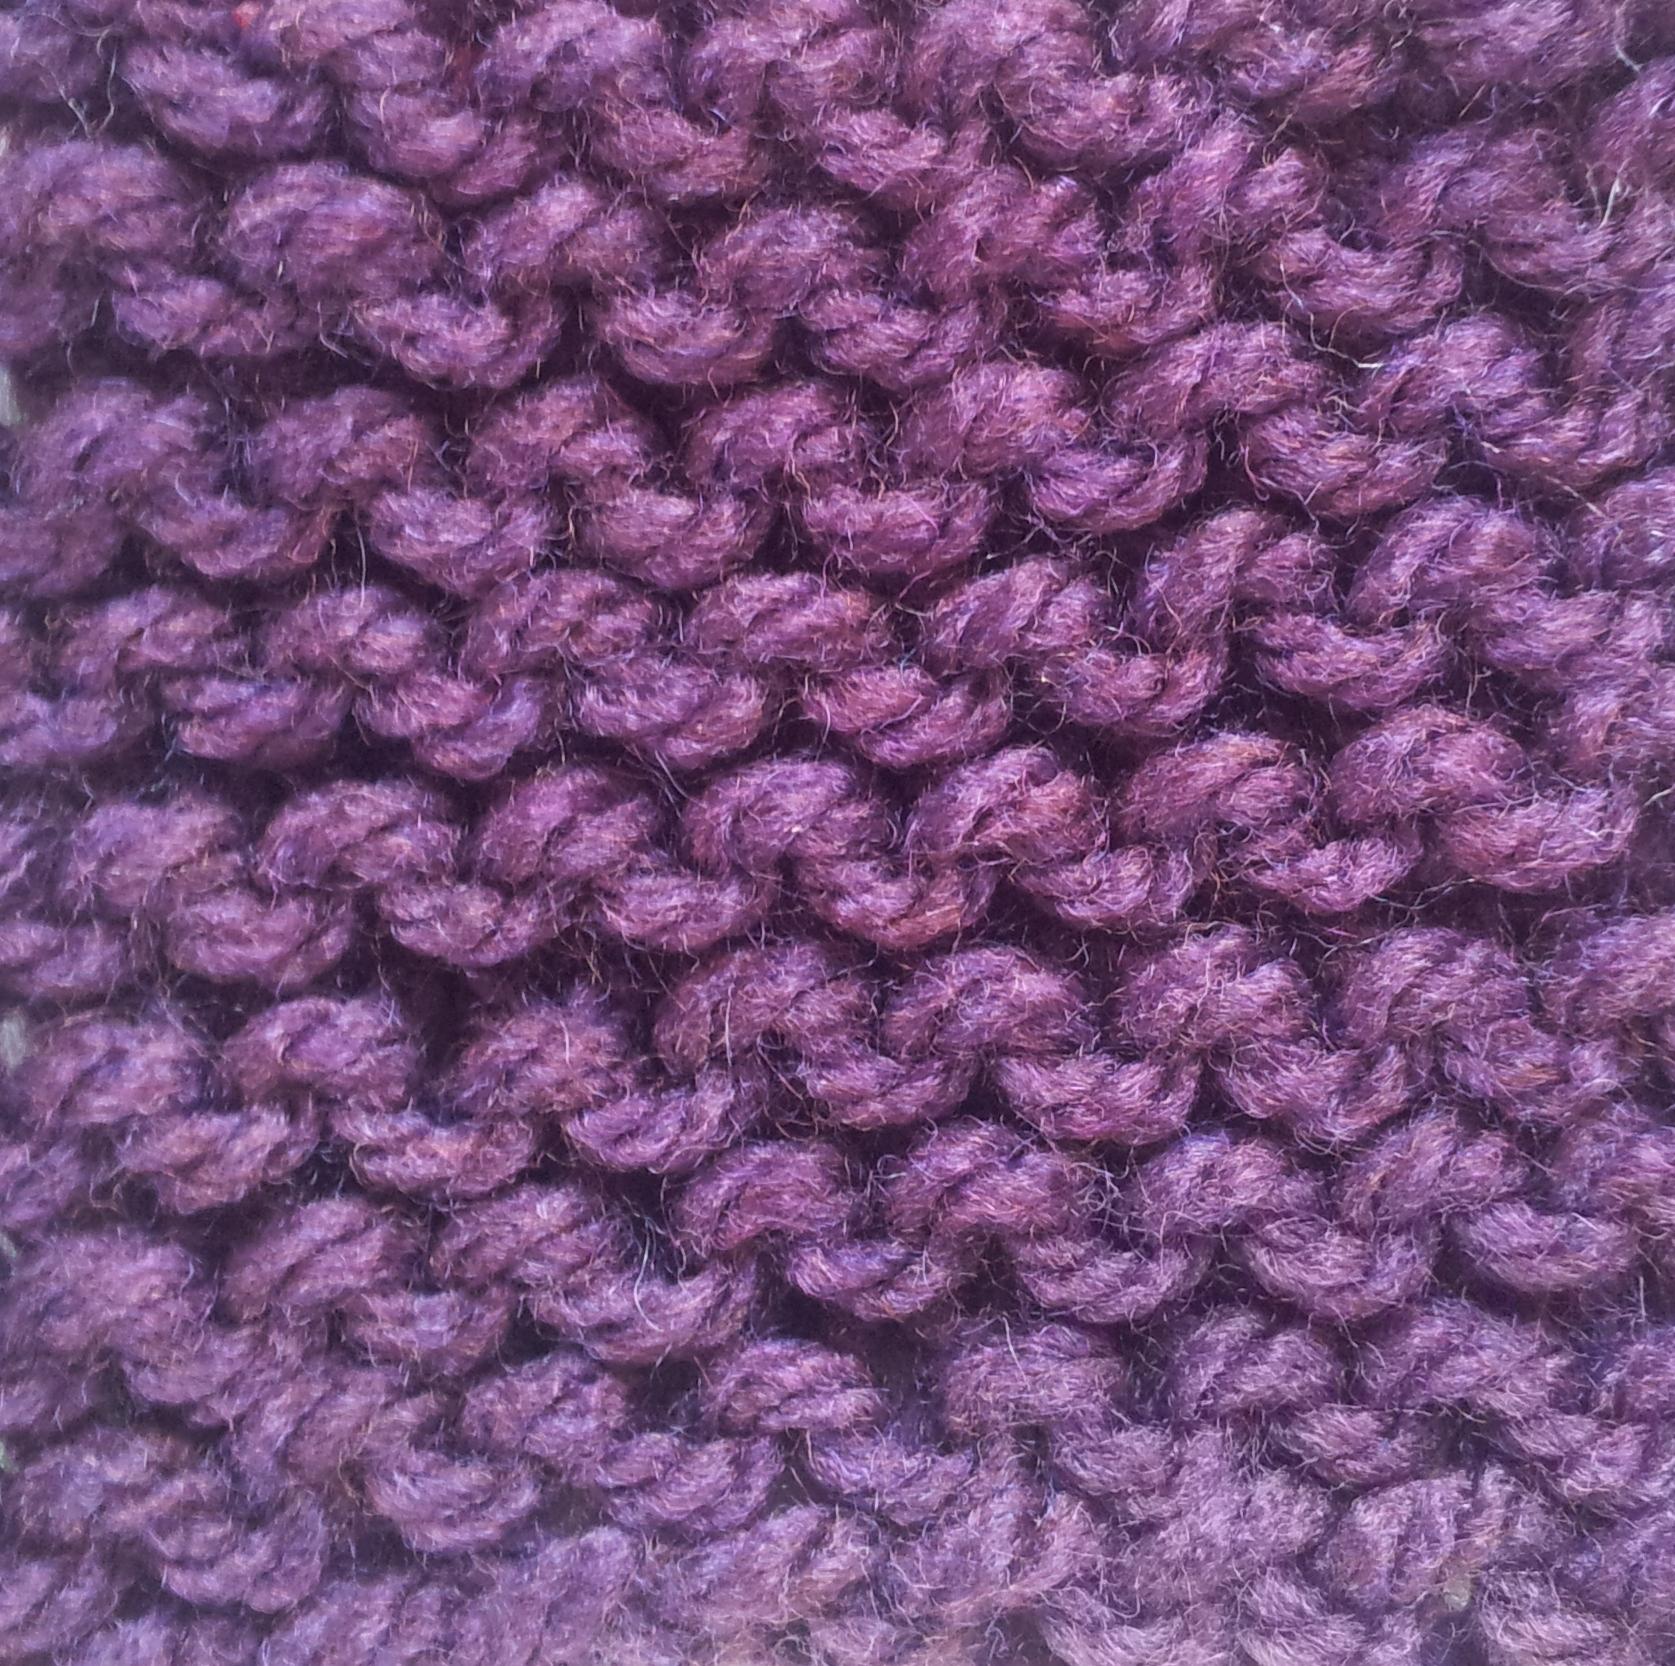 Decrease Knitting Garter Stitch : Opinions on Basic knitted fabrics